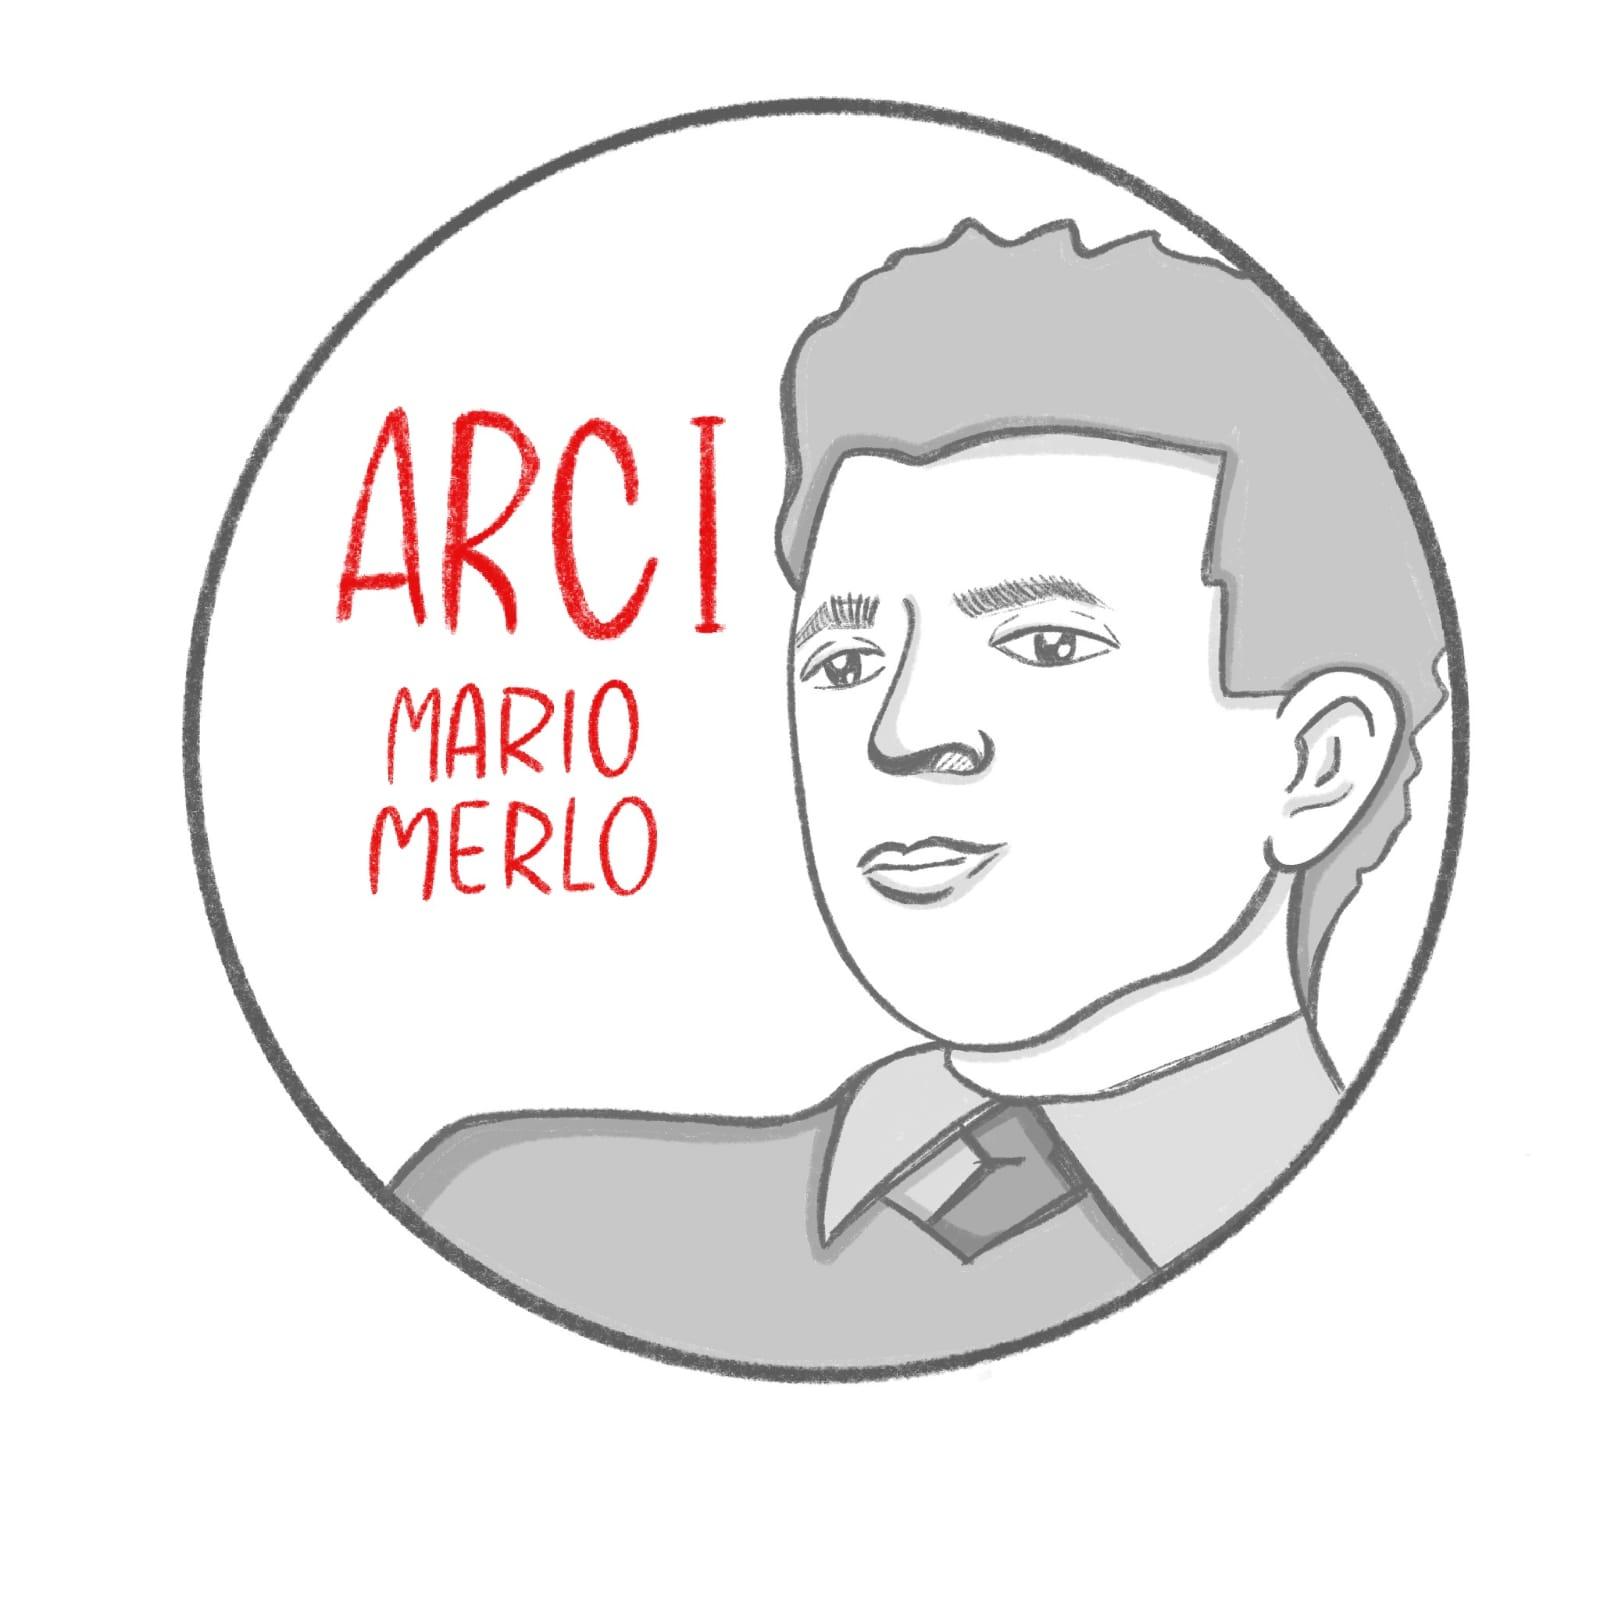 Avatar Mario Merlo